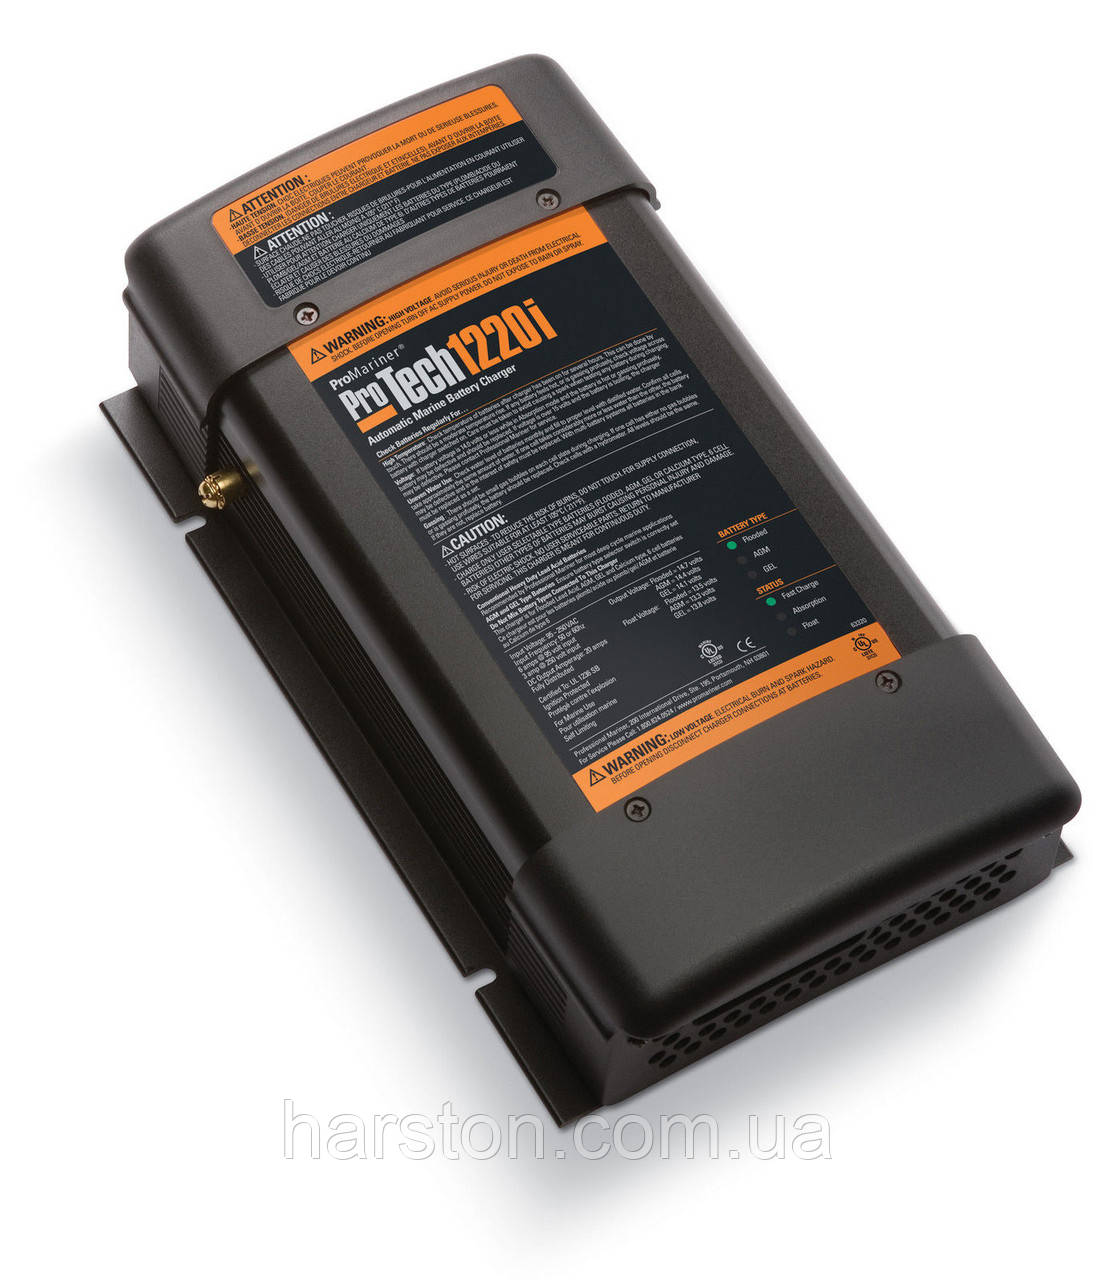 Морское зарядное устройство 12В, 20А на 3 группы аккумуляторов ProMariner 1220i (аналог Mastervolt)